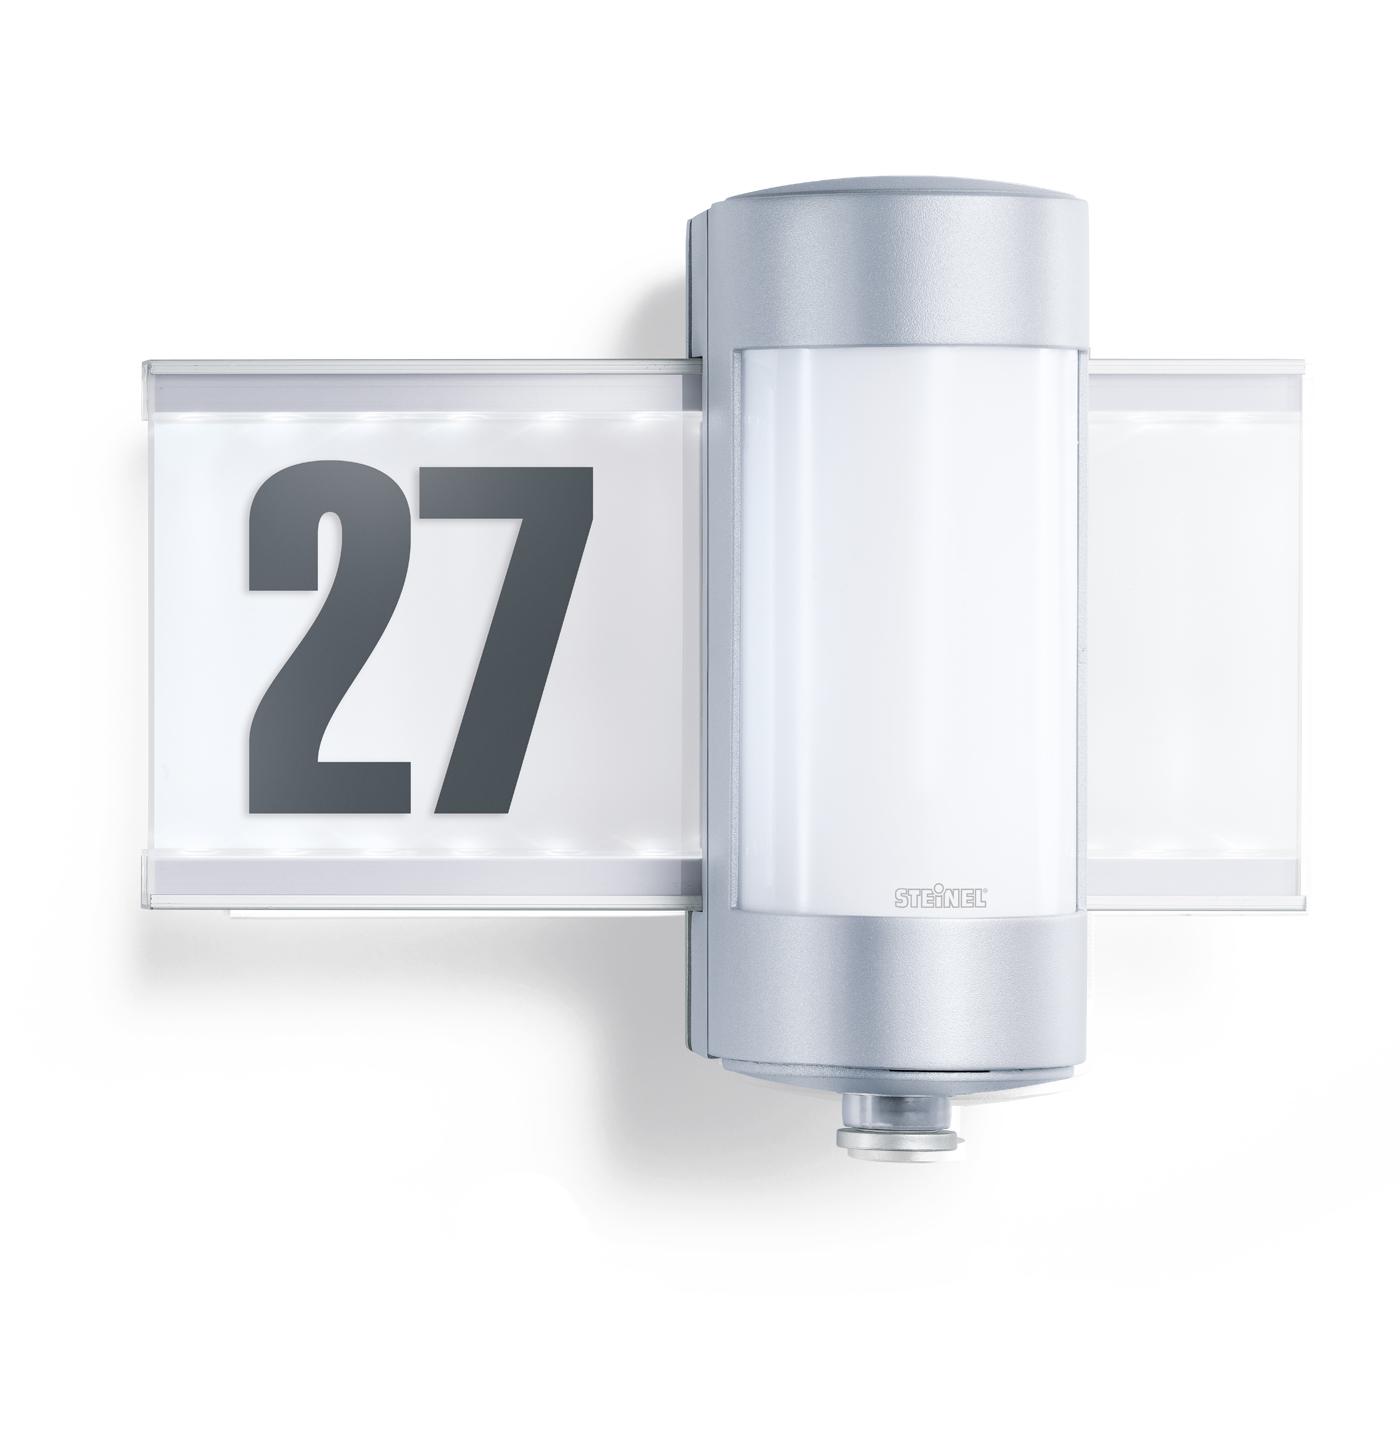 Sensorarmatur L270